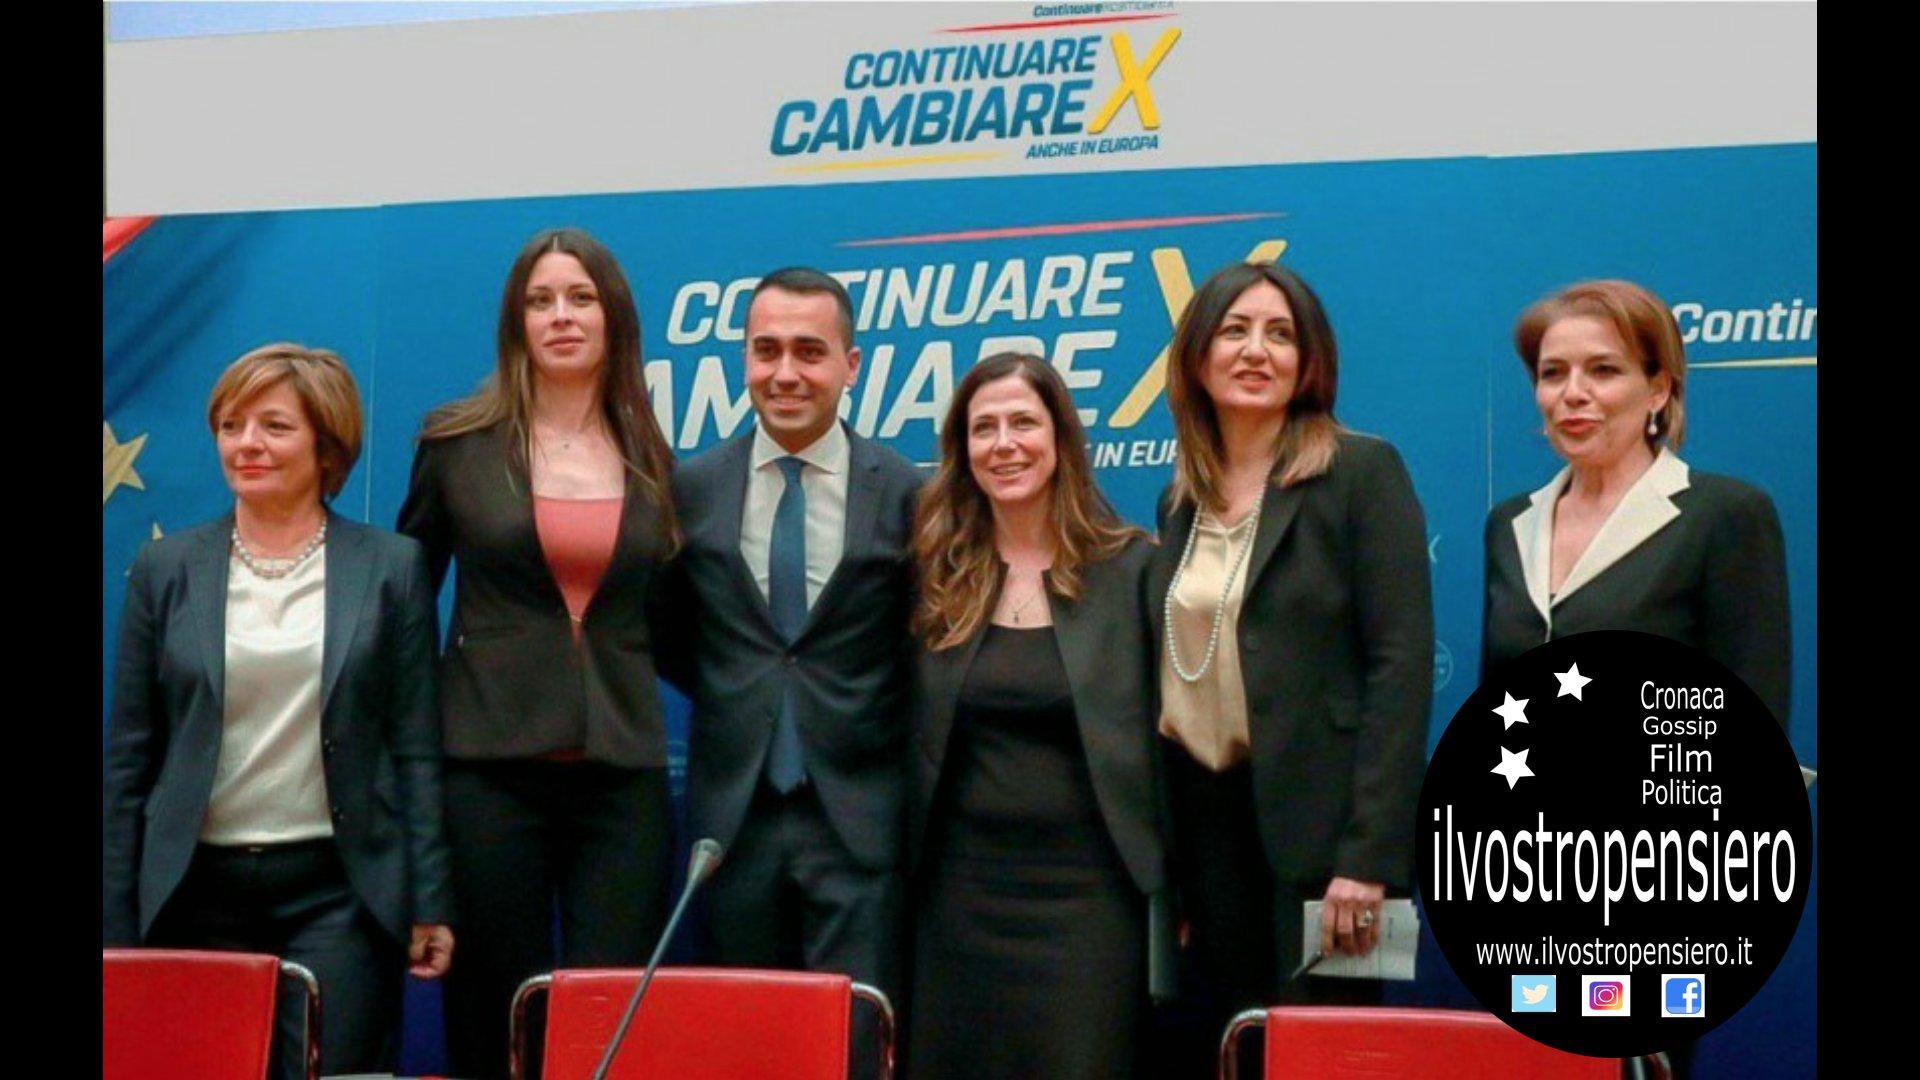 Movimento 5 stelle: i 10 punti del europrogramma